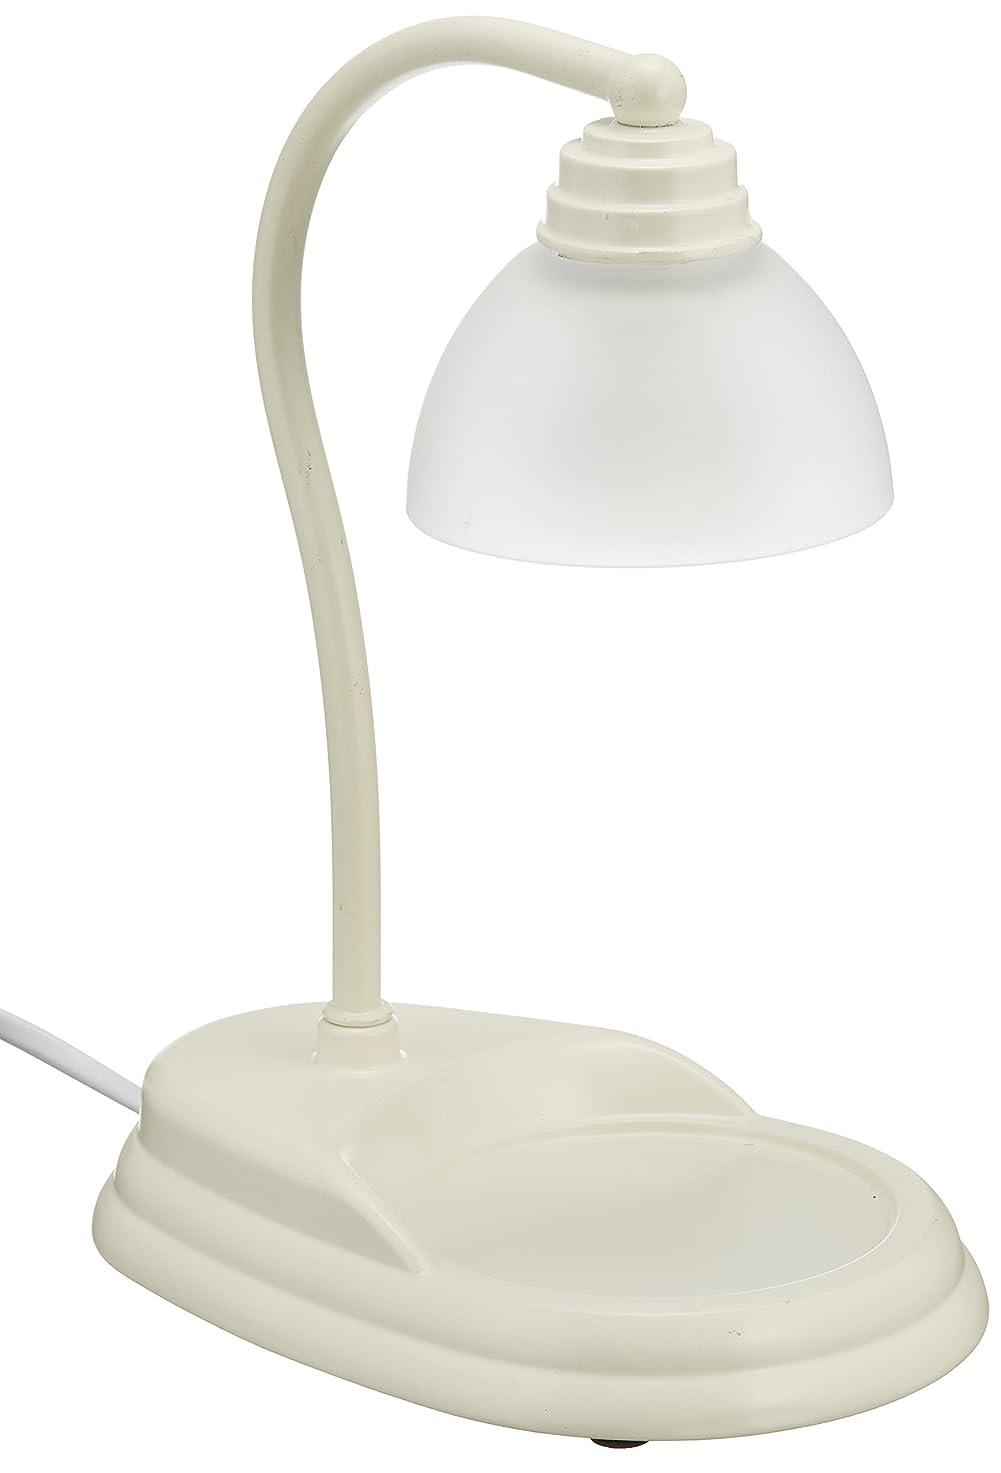 フォアタイプ聖域ビン電球の熱でキャンドルを溶かして香りを楽しむ電気スタンド キャンドルウォーマーランプ (ホワイト)